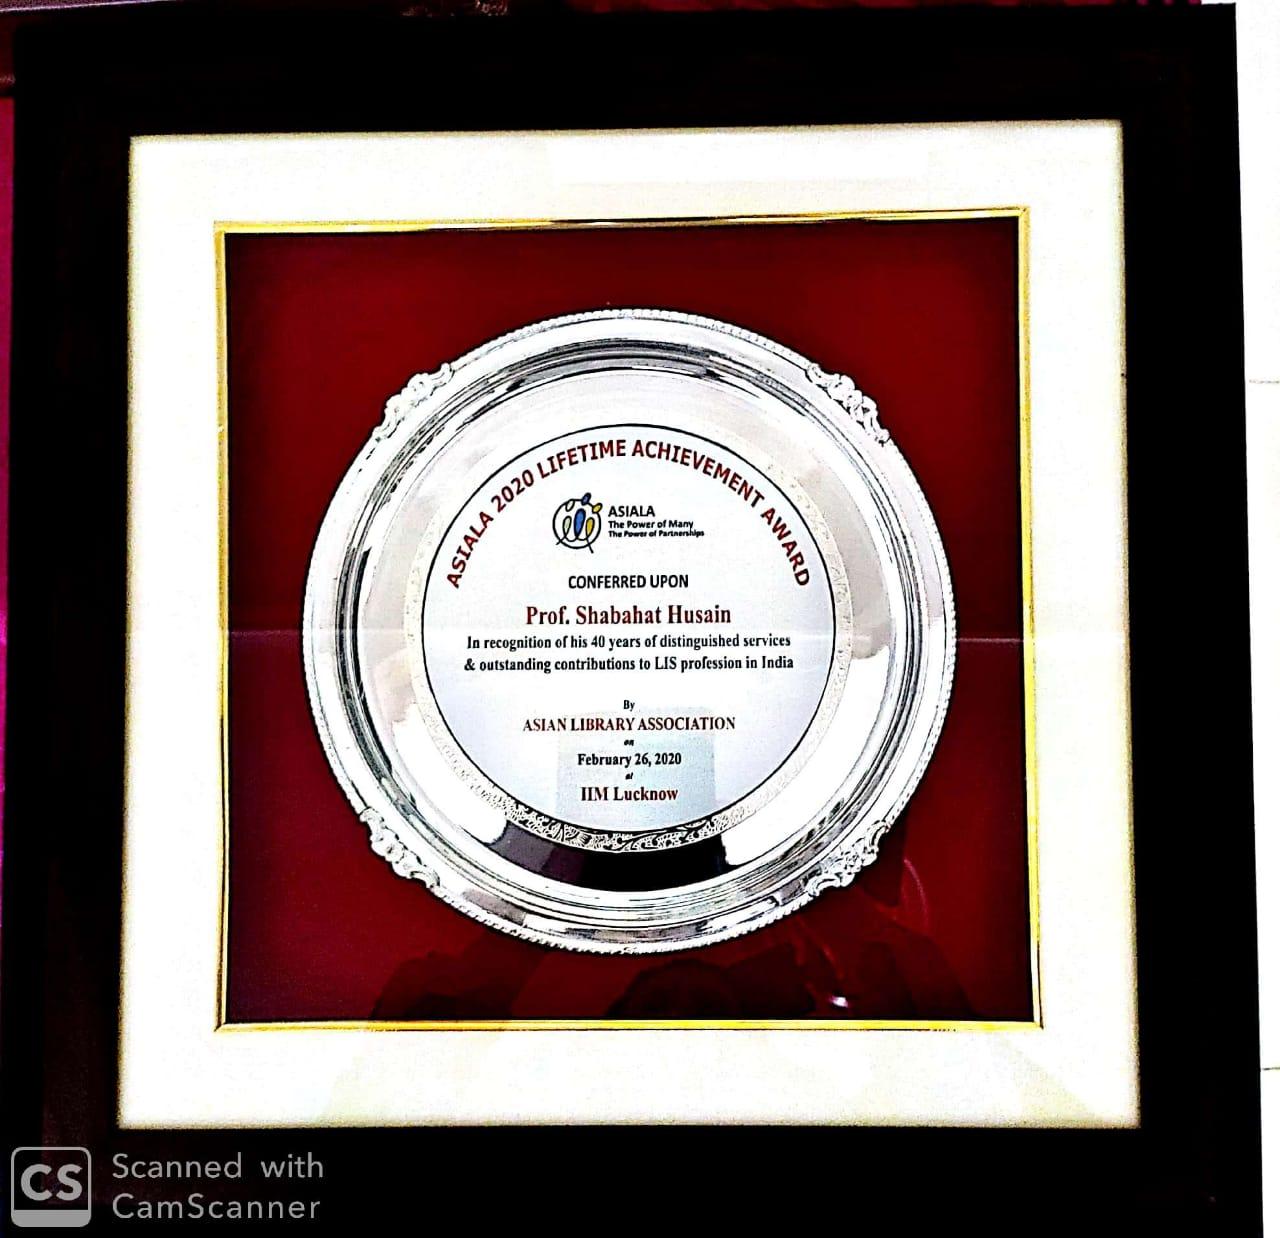 ASIALA 2020 Lifetime Achievement Award